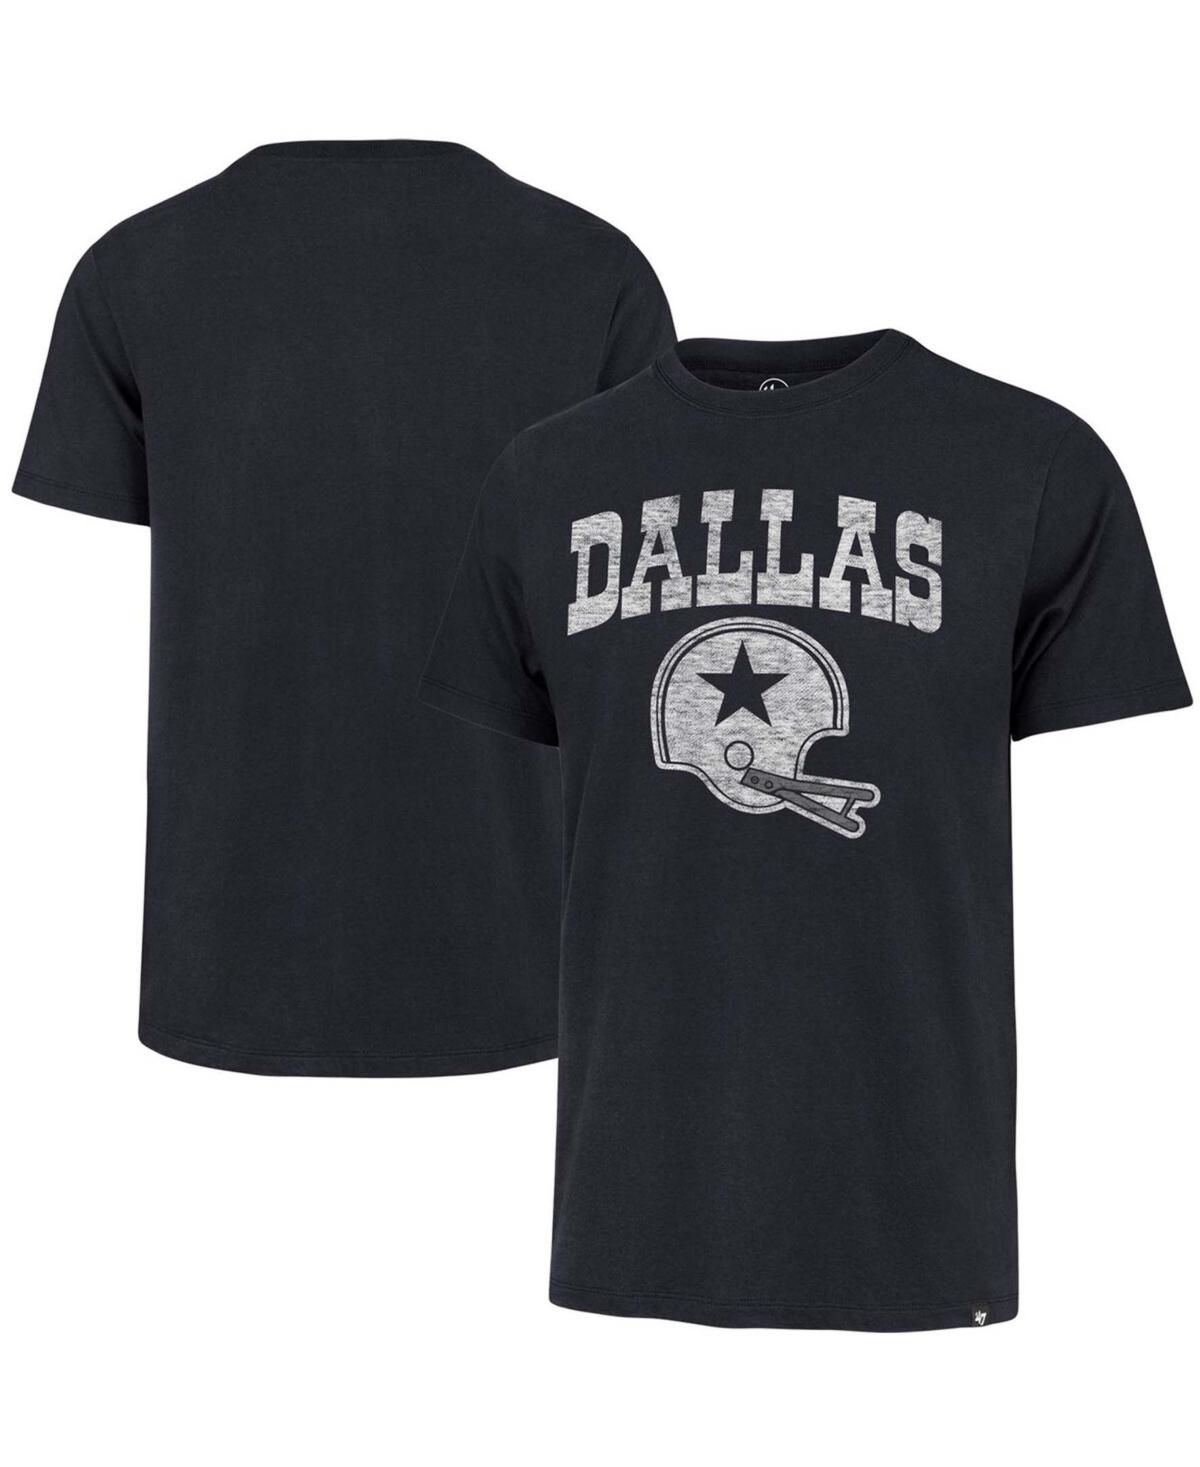 Mens Navy Dallas Cowboys Throwback Lockup T-shirt